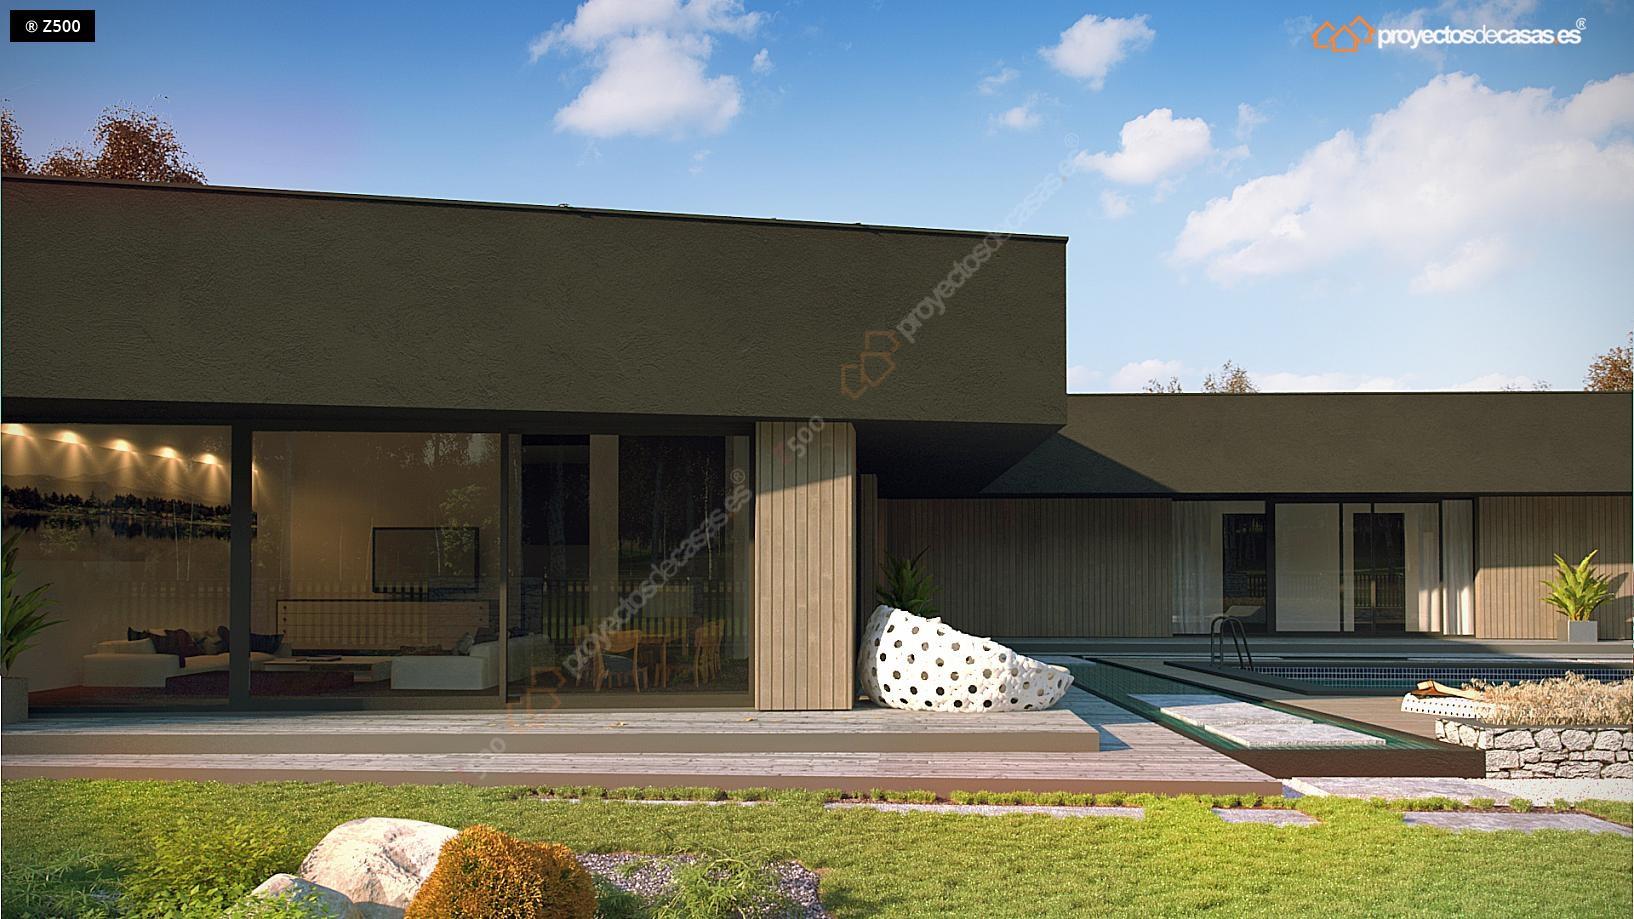 Proyectos de casas casa minimalista proyectosdecasas for Casa minimalista villahermosa